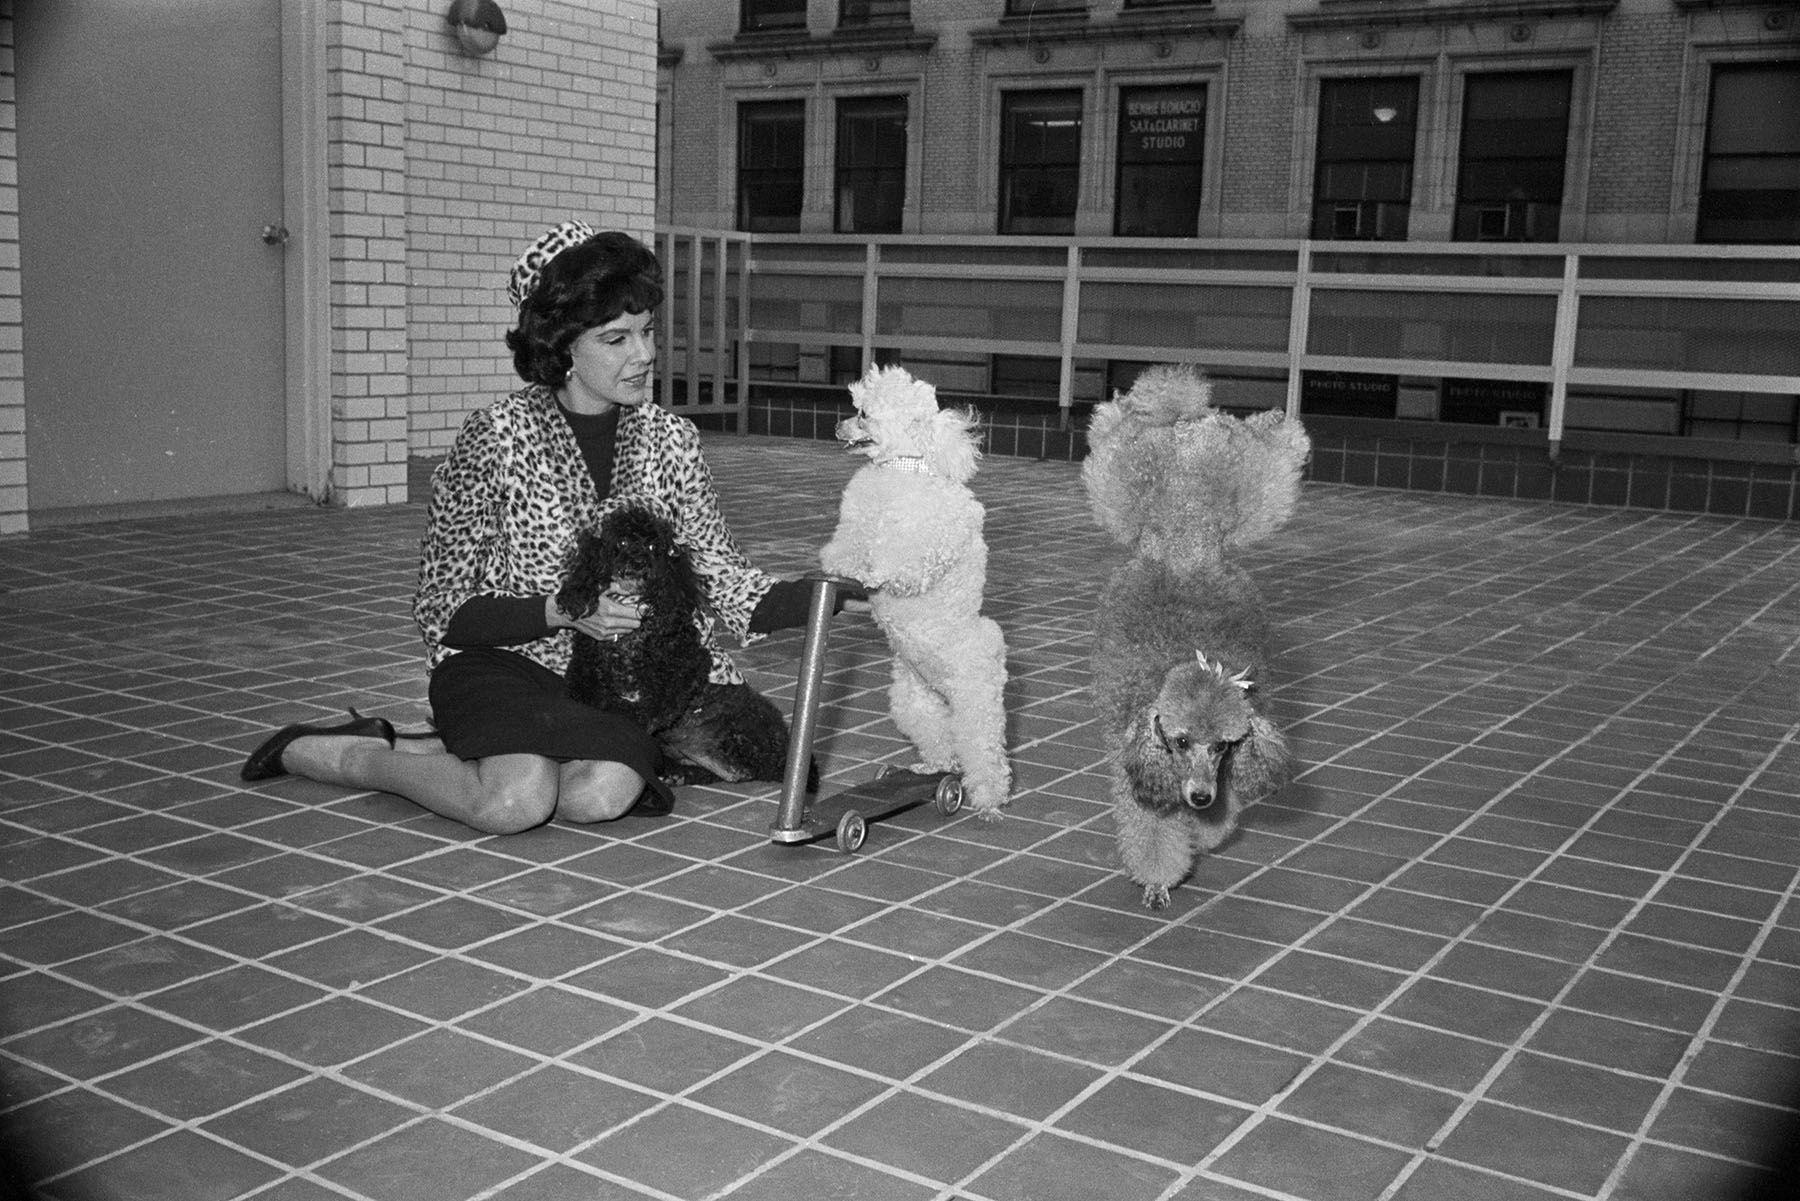 Жаклин Сьюзанн со своими пуделями в 1963 году. Источник: luxfon.com